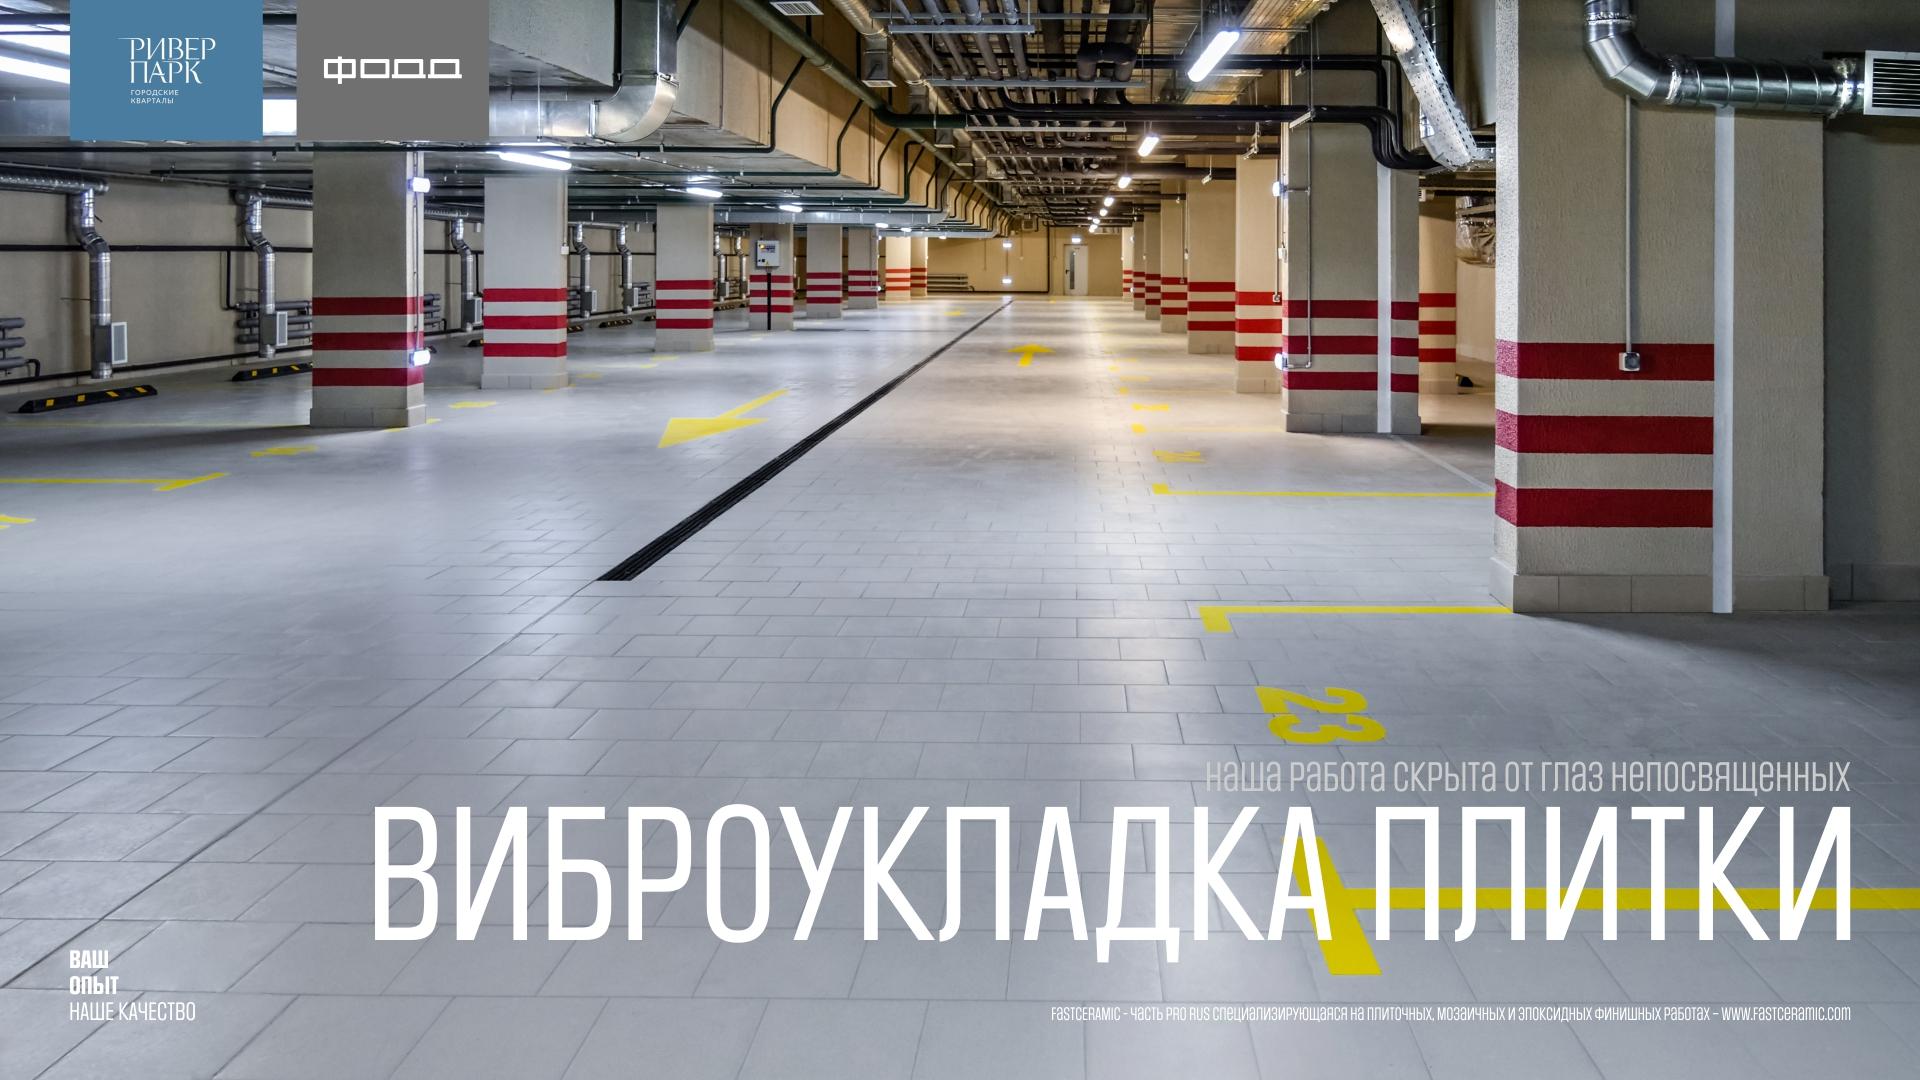 Виброукладка плитки, полимерные полы, парковки, стяжка пола, эпоксид, плитка, Ривер Парк 1